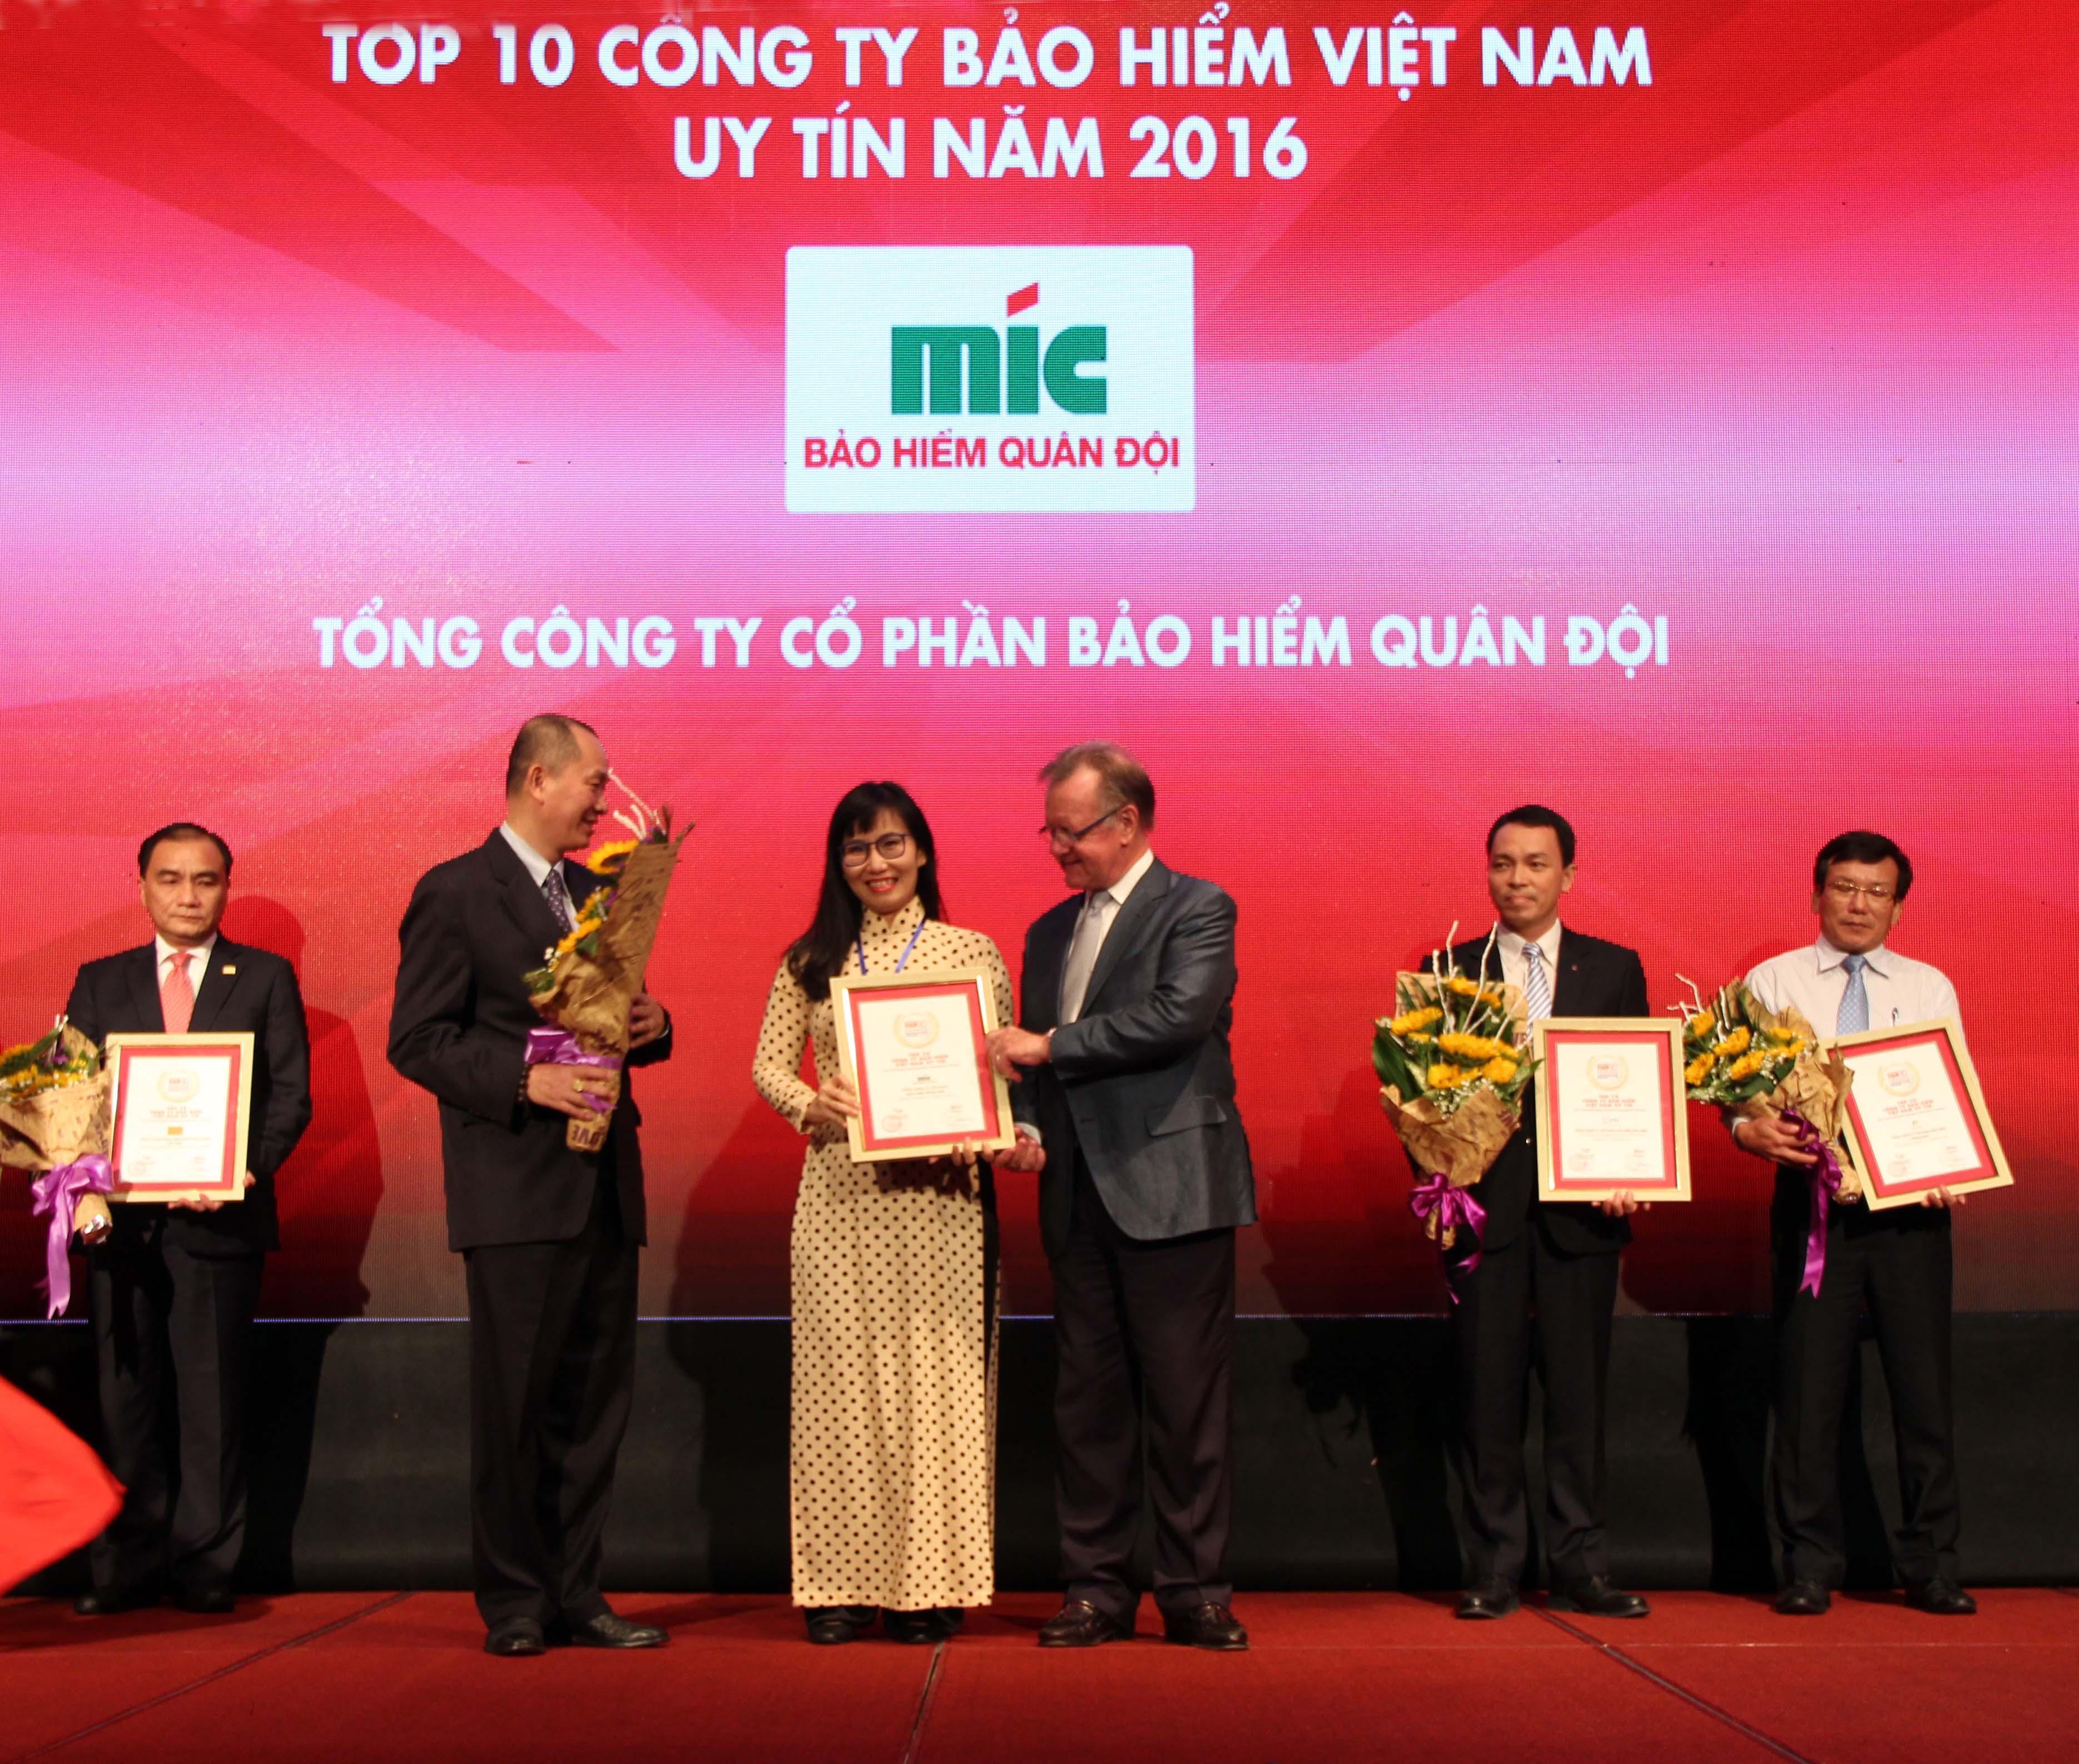 Bà Nguyễn Thị Thu Hằng - Phó Tổng Giám đốc Tổng công ty Cổ phần Bảo hiểm Quân đội (MIC) nhận Giấy chứng nhận TOP 10 DNBH uy tín 2016 tại Việt Nam